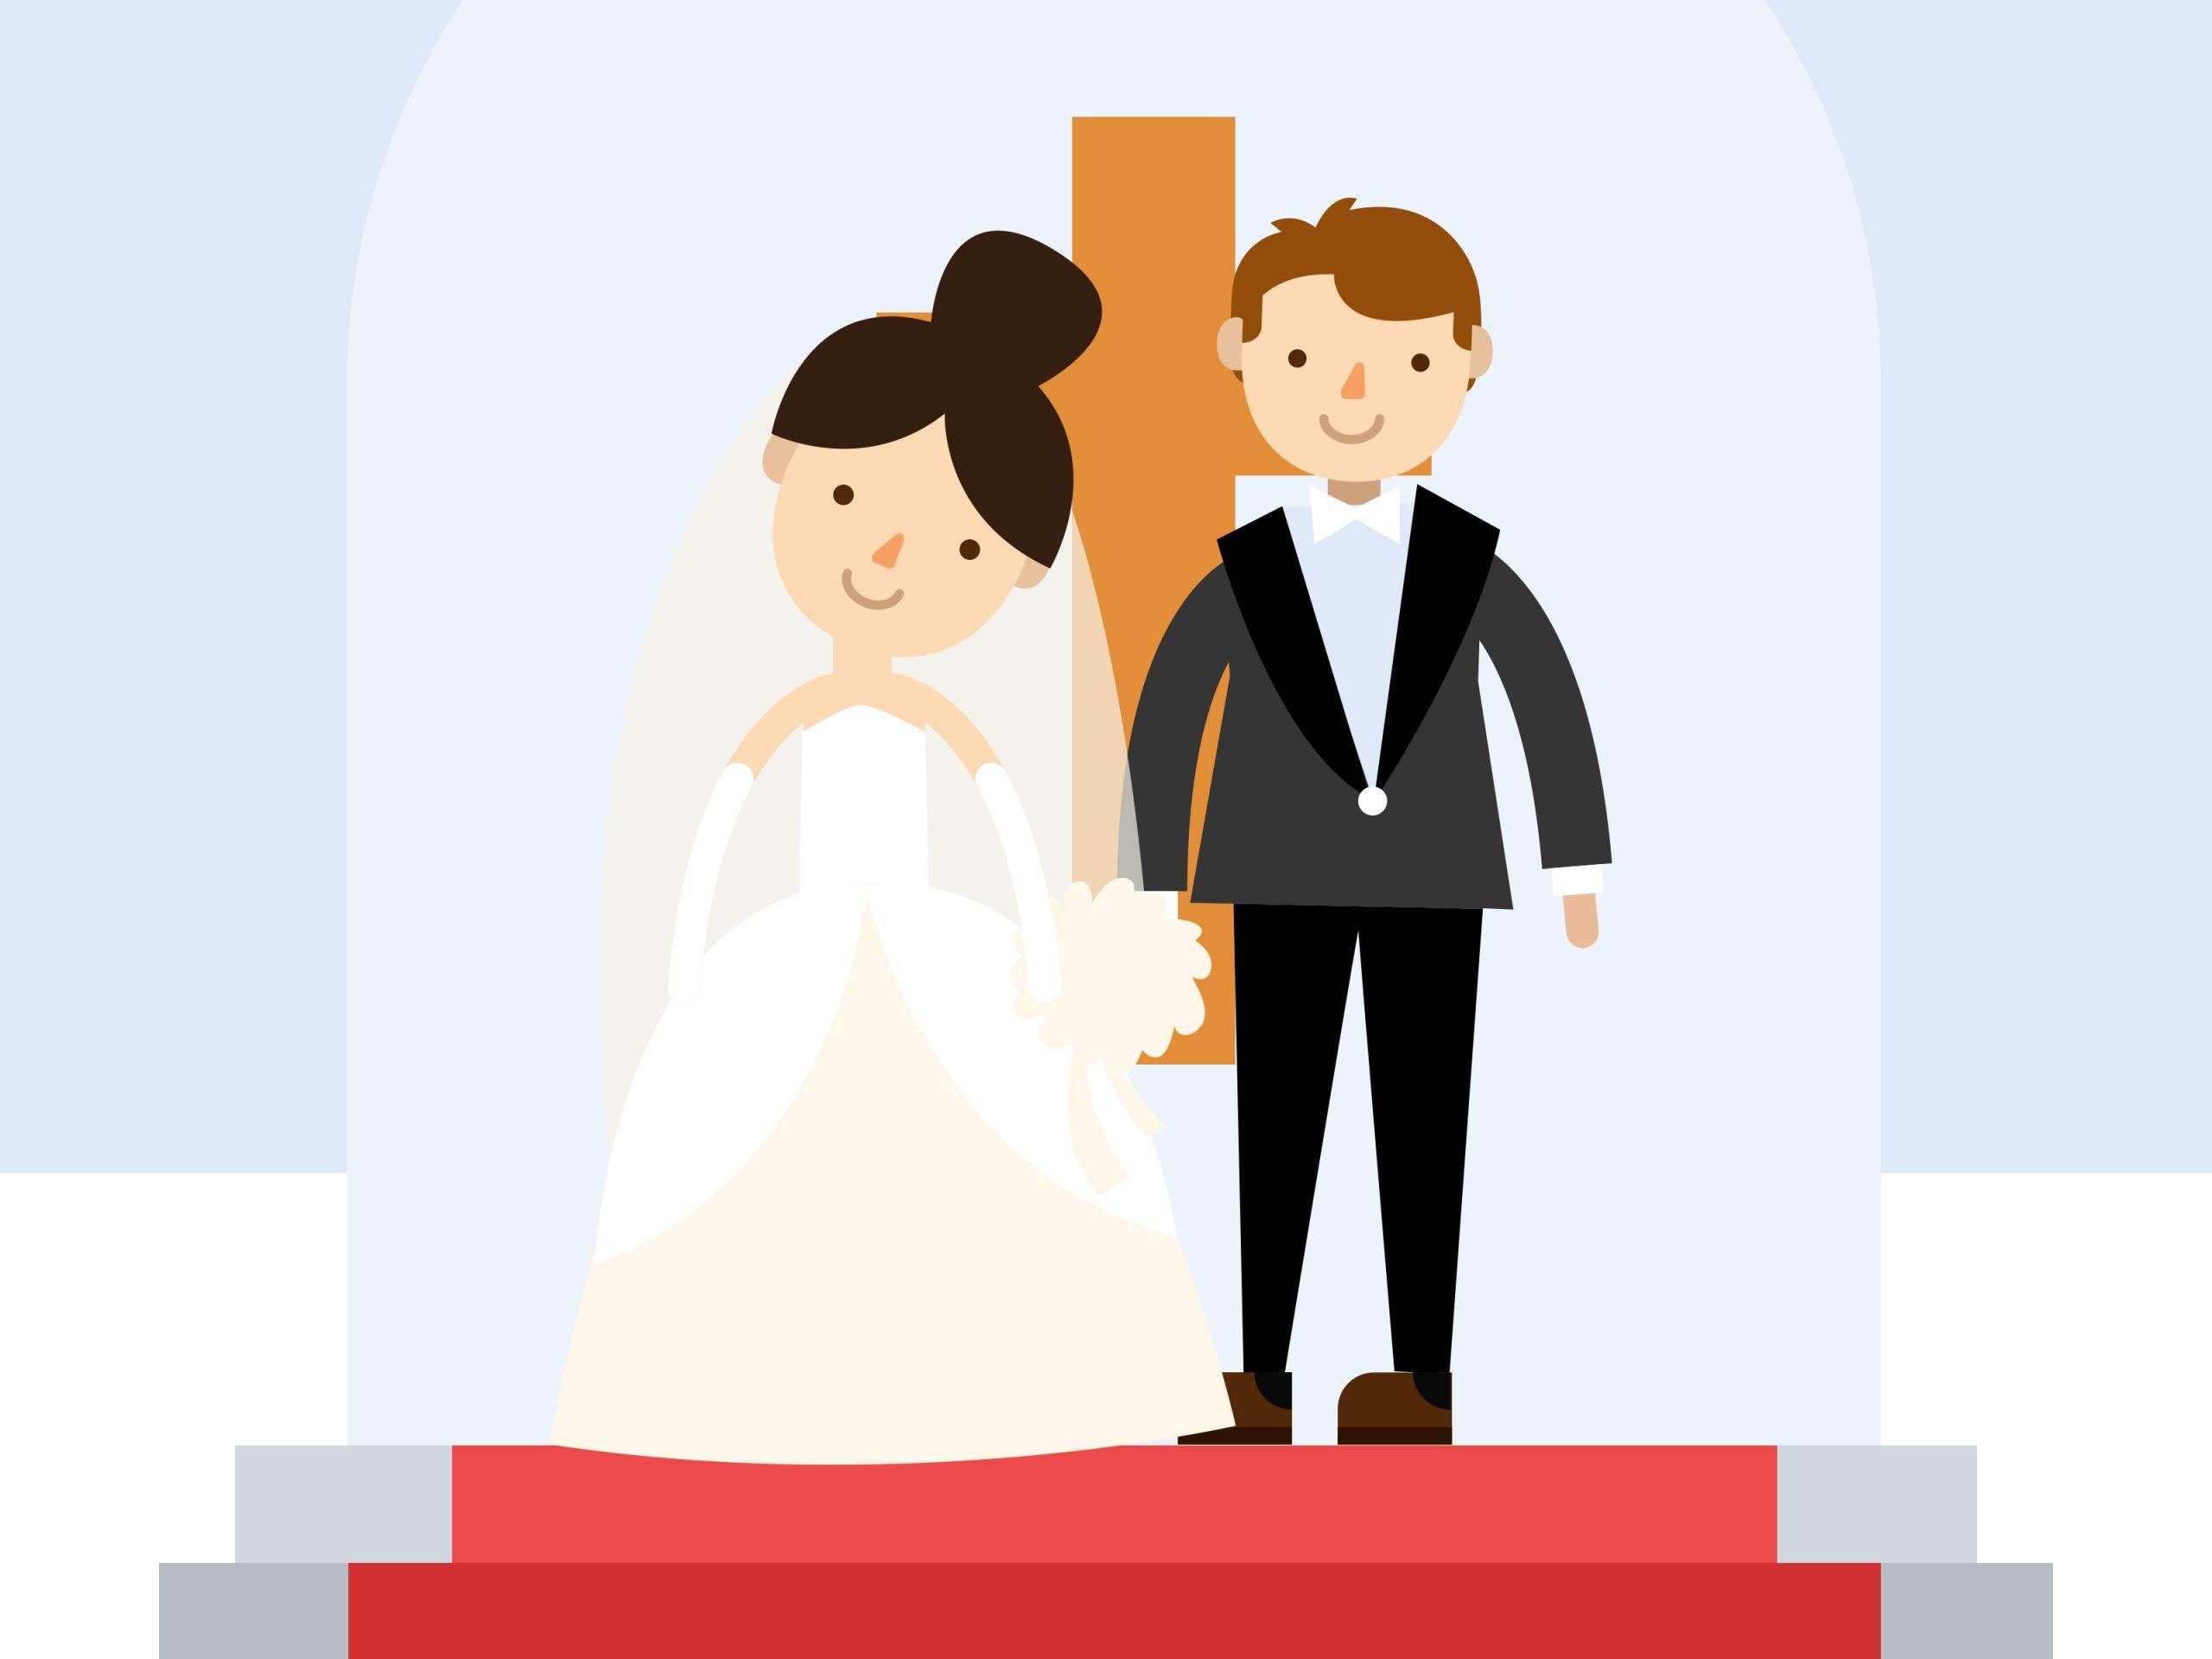 صيغة تصريح زواج